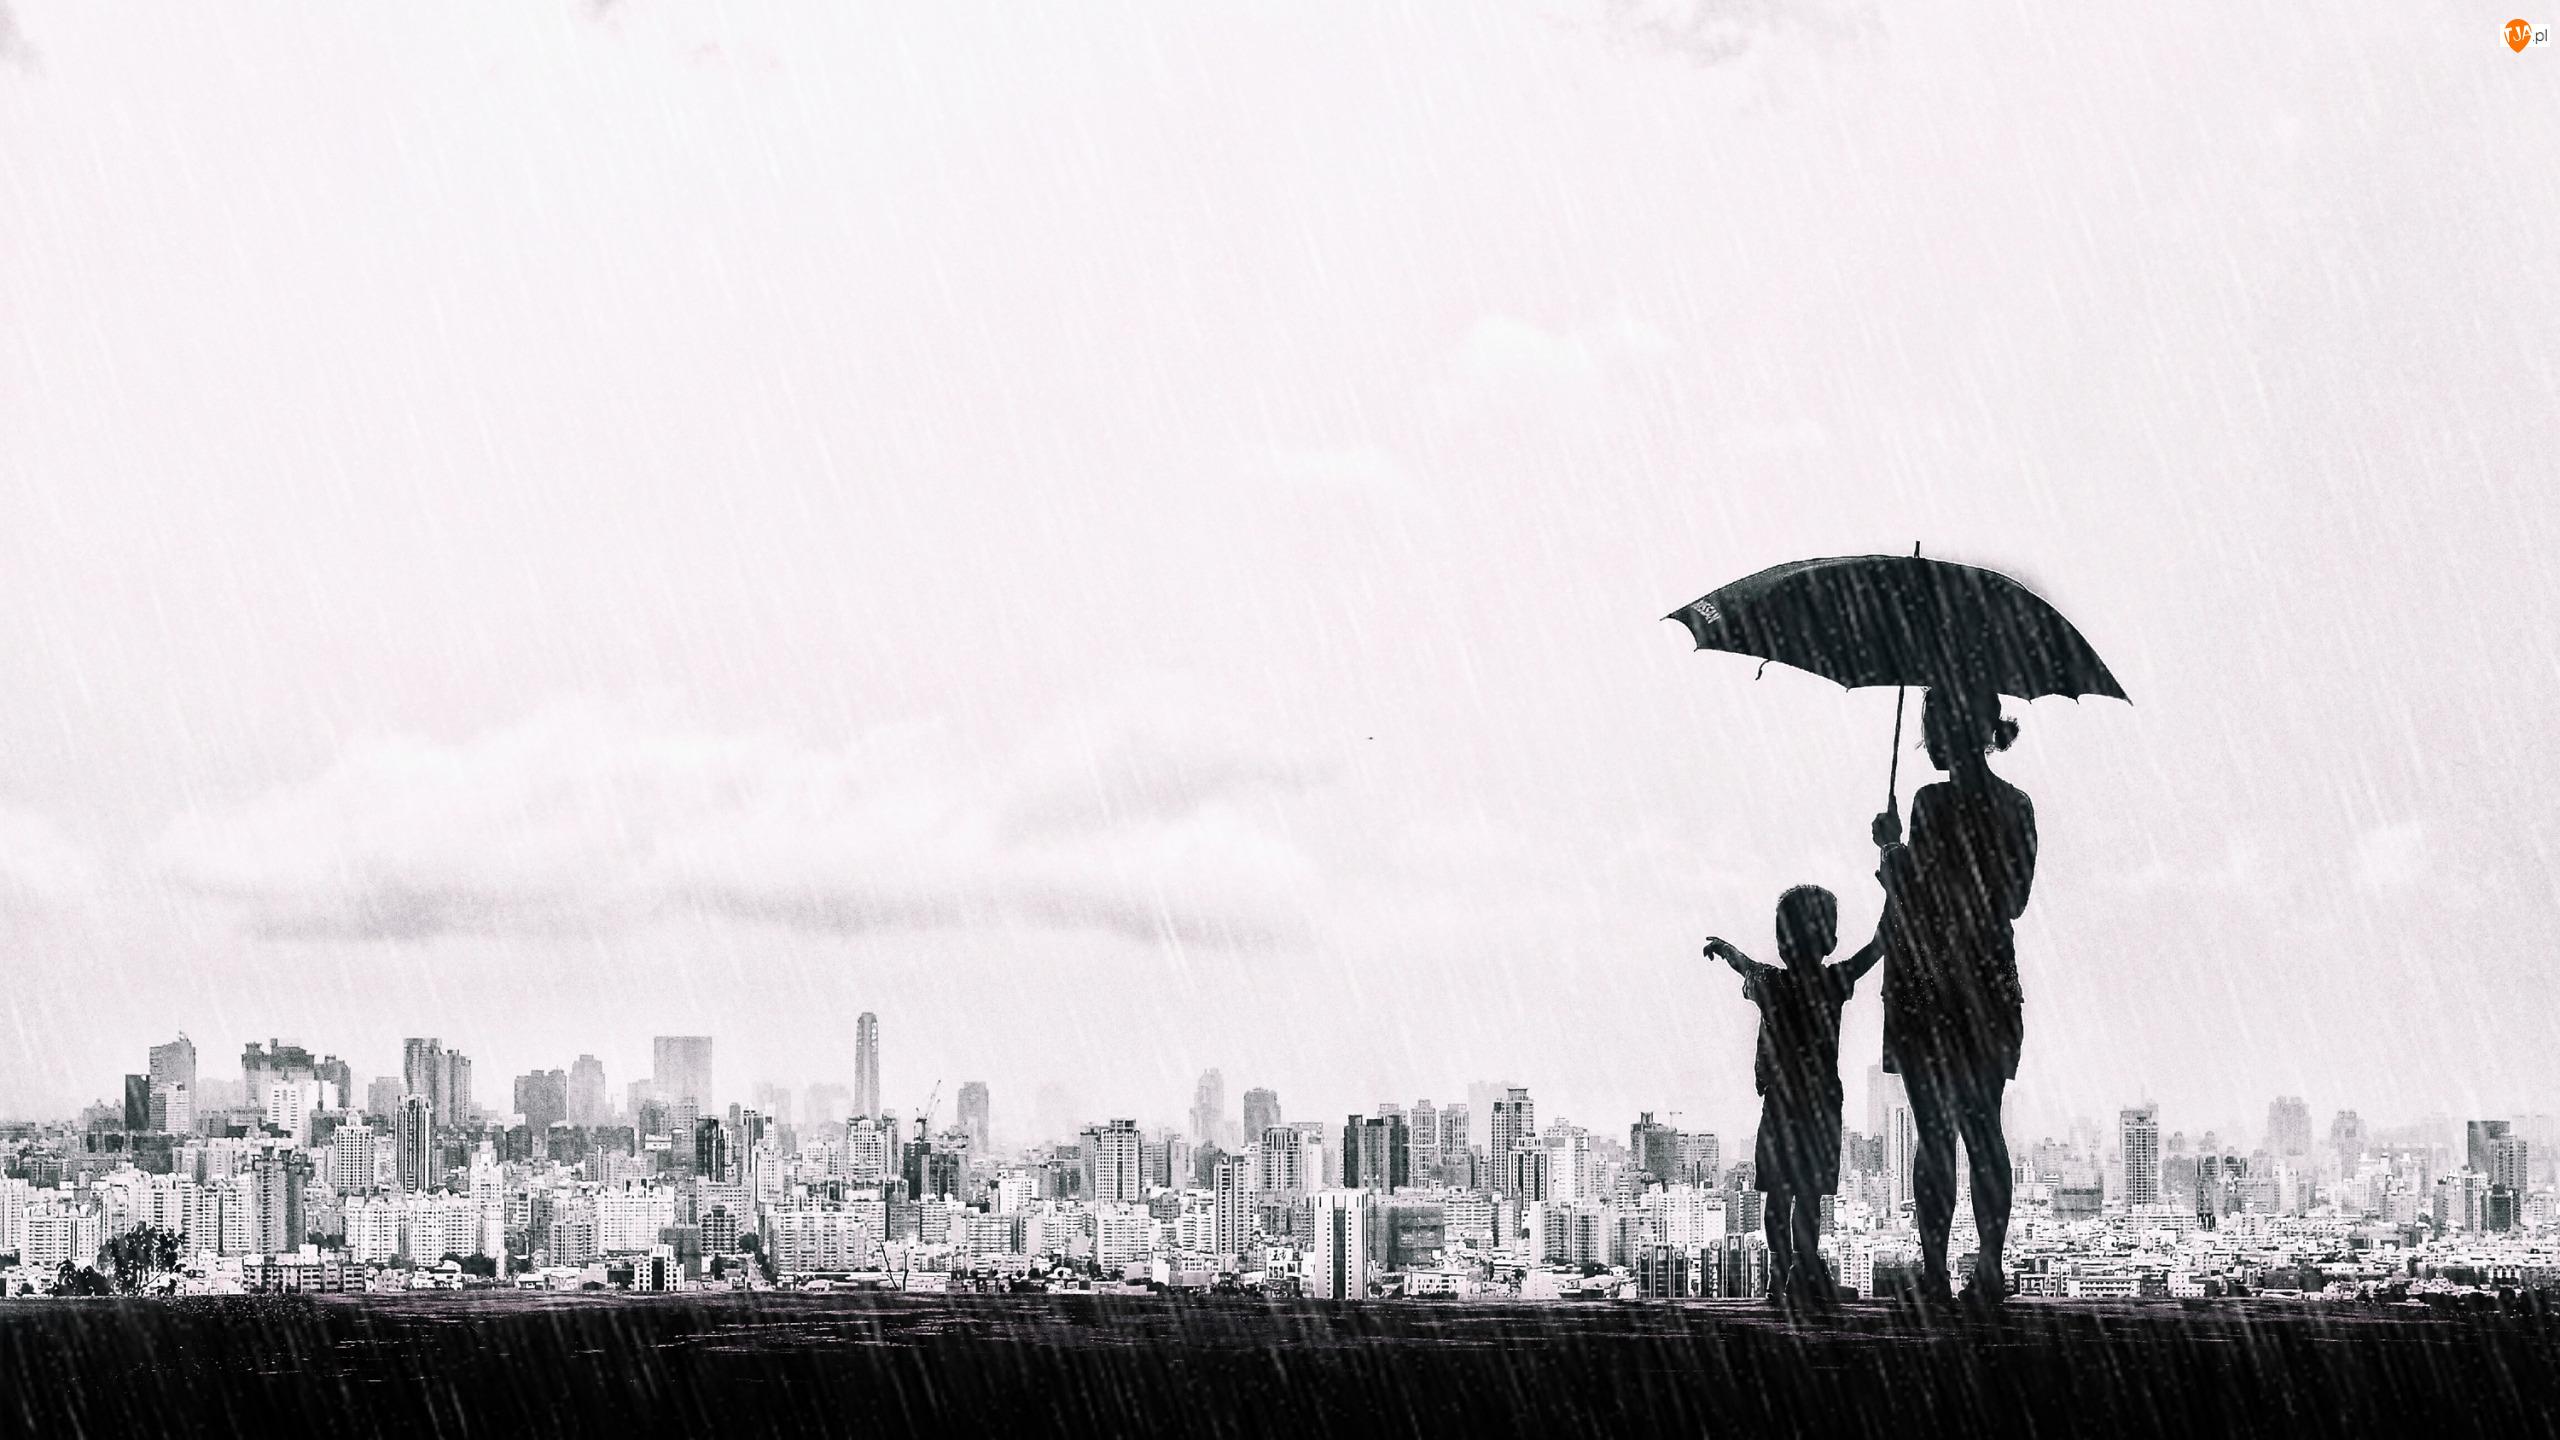 Kobieta, Dziecko, Czarno białe, Grafika, Miasto, Deszcz, Parasol